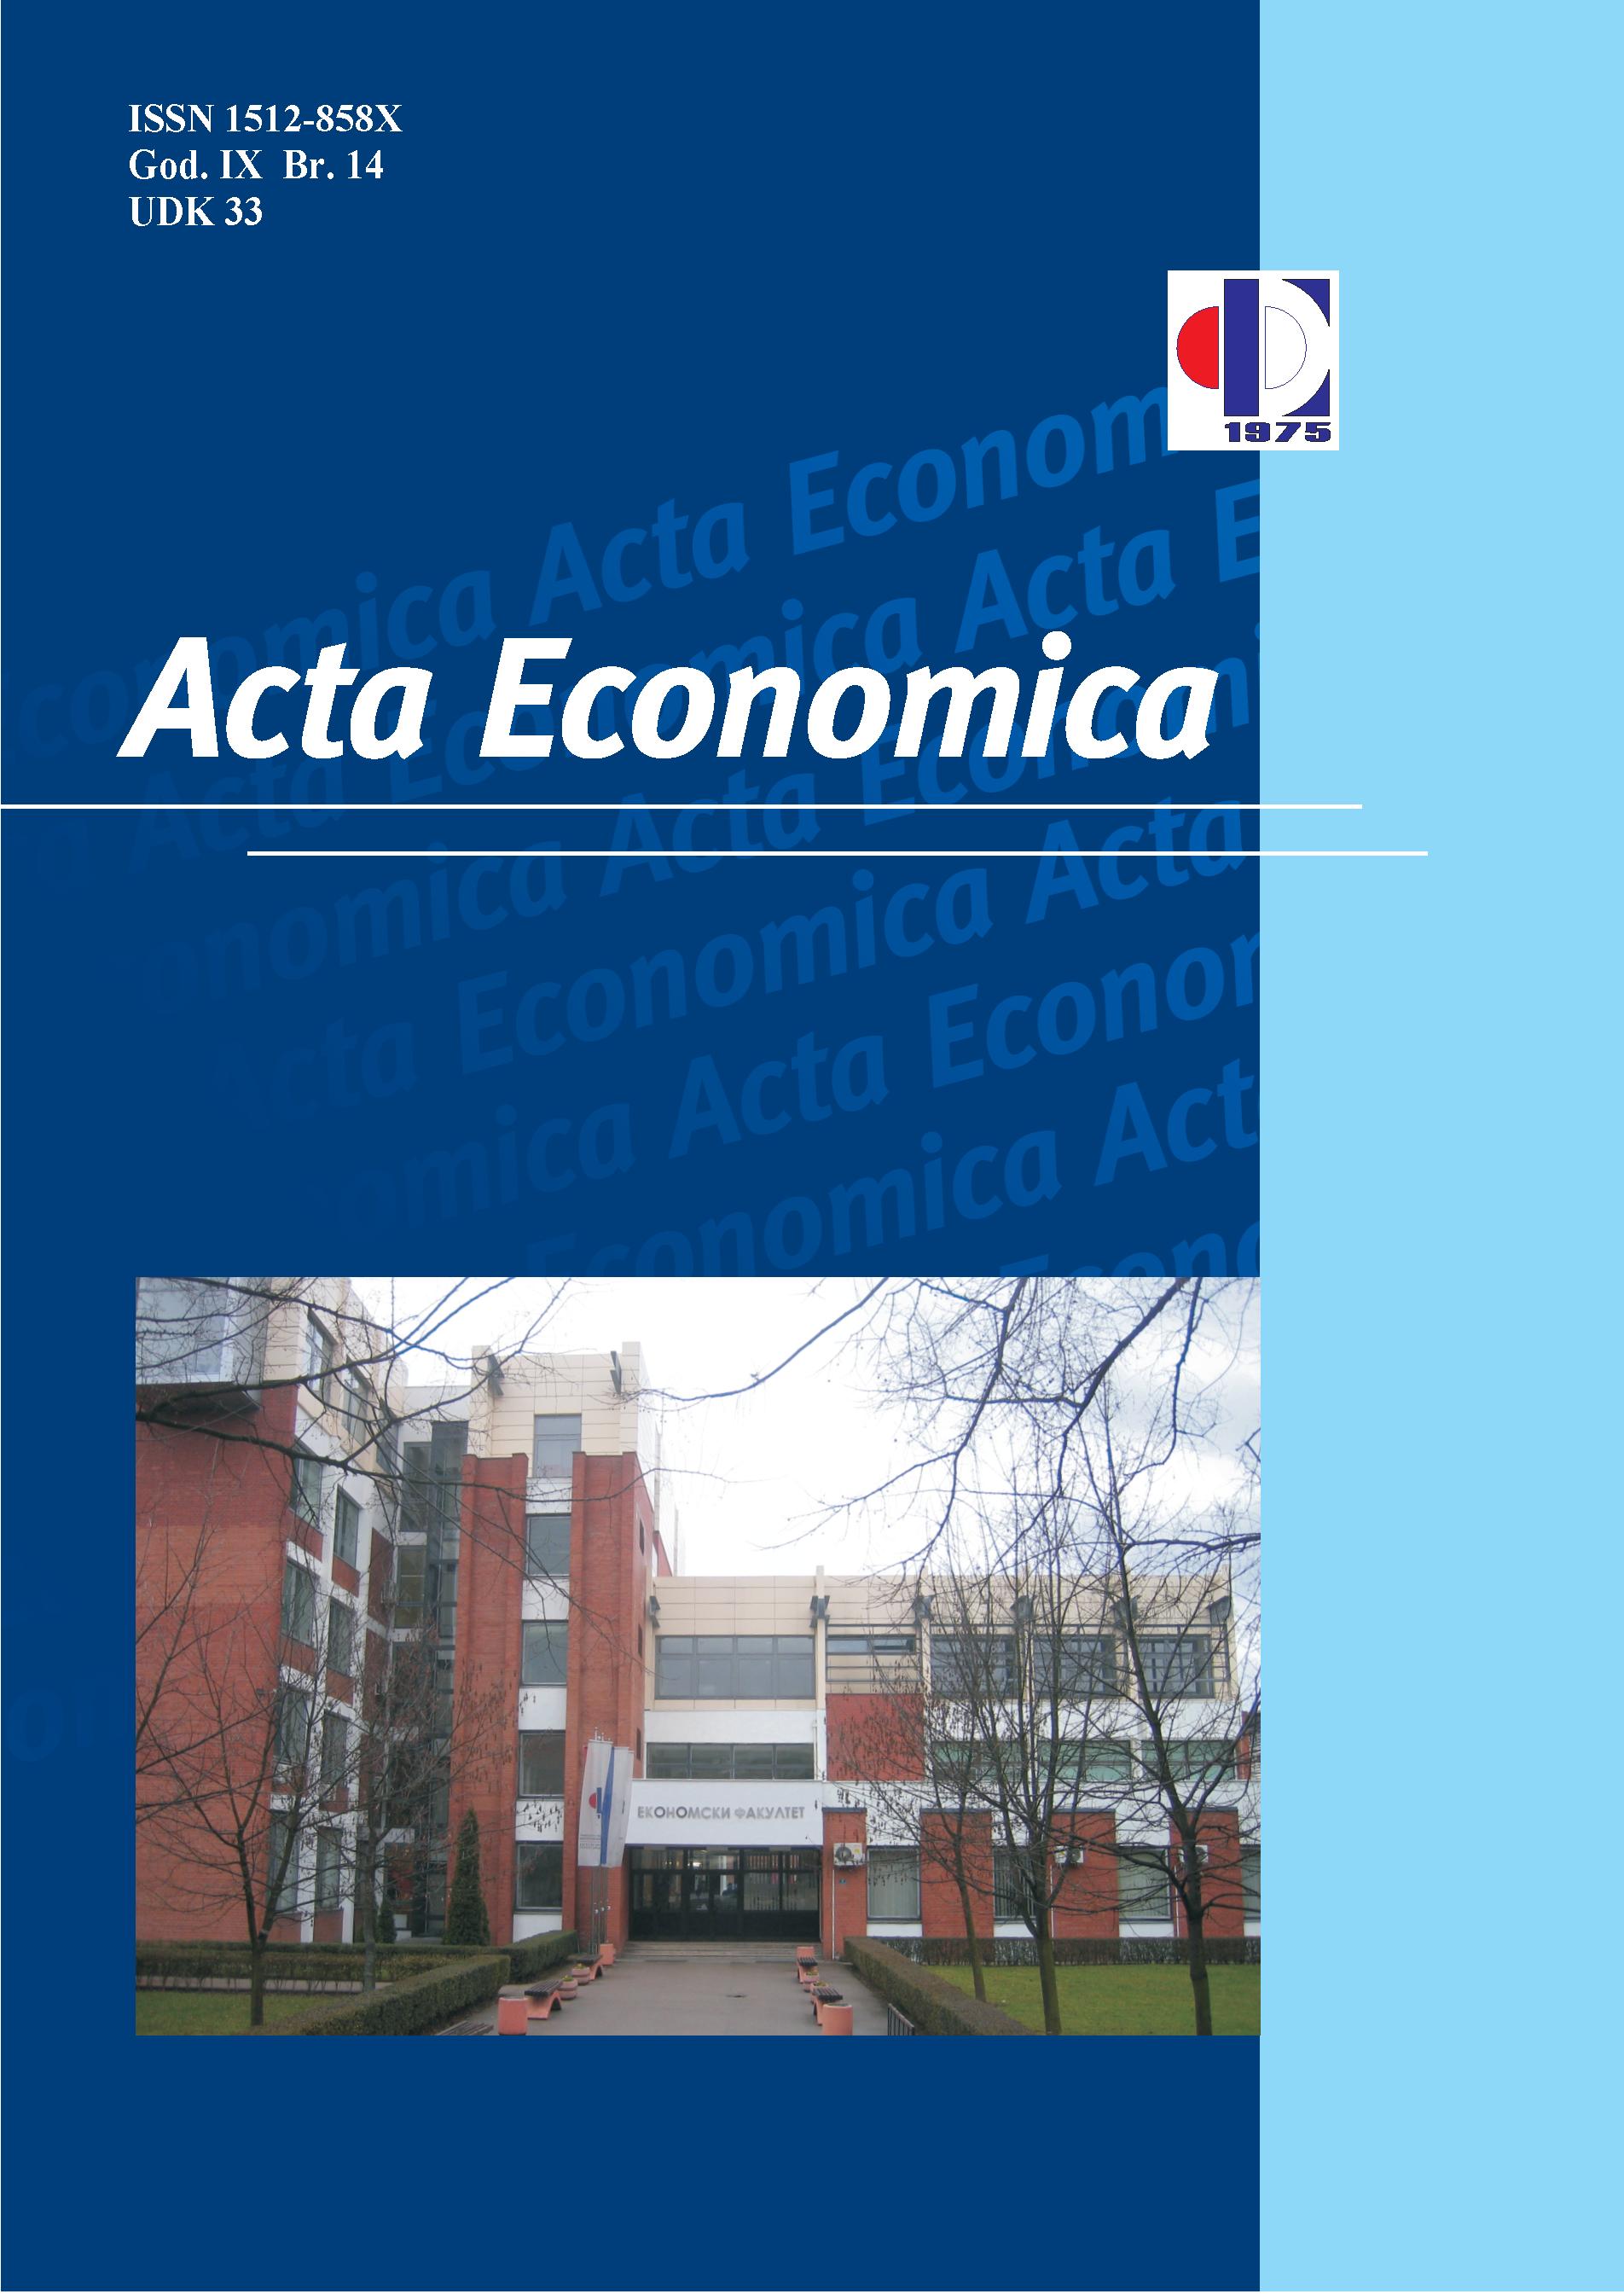 View Vol. 14 No. 24 (2016): Acta Economica